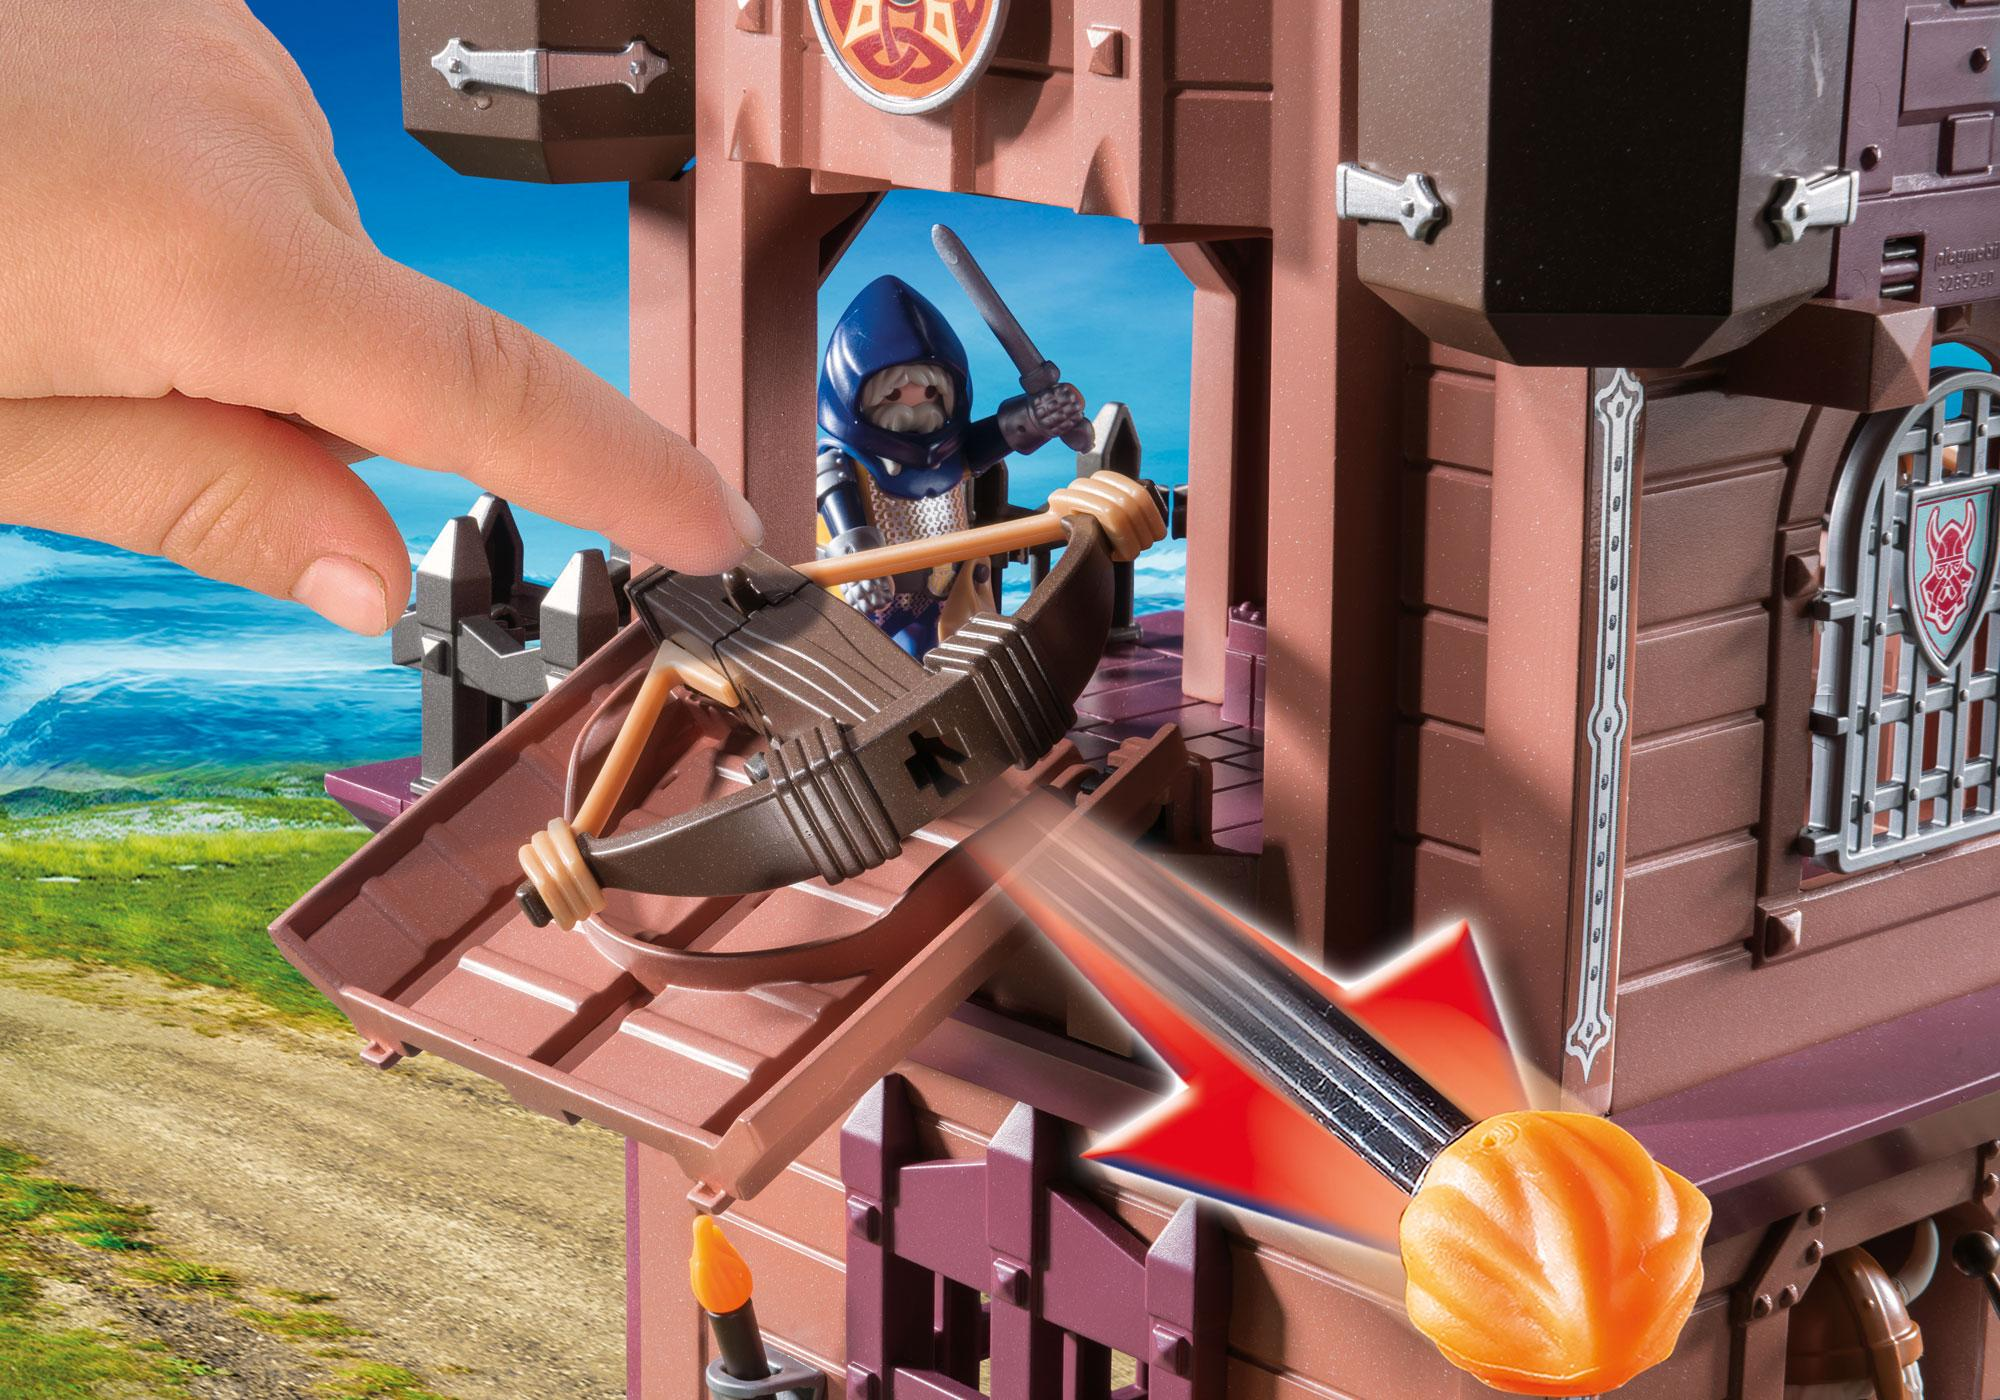 http://media.playmobil.com/i/playmobil/9340_product_extra2/Πολιορκητικός Πύργος Νάνων